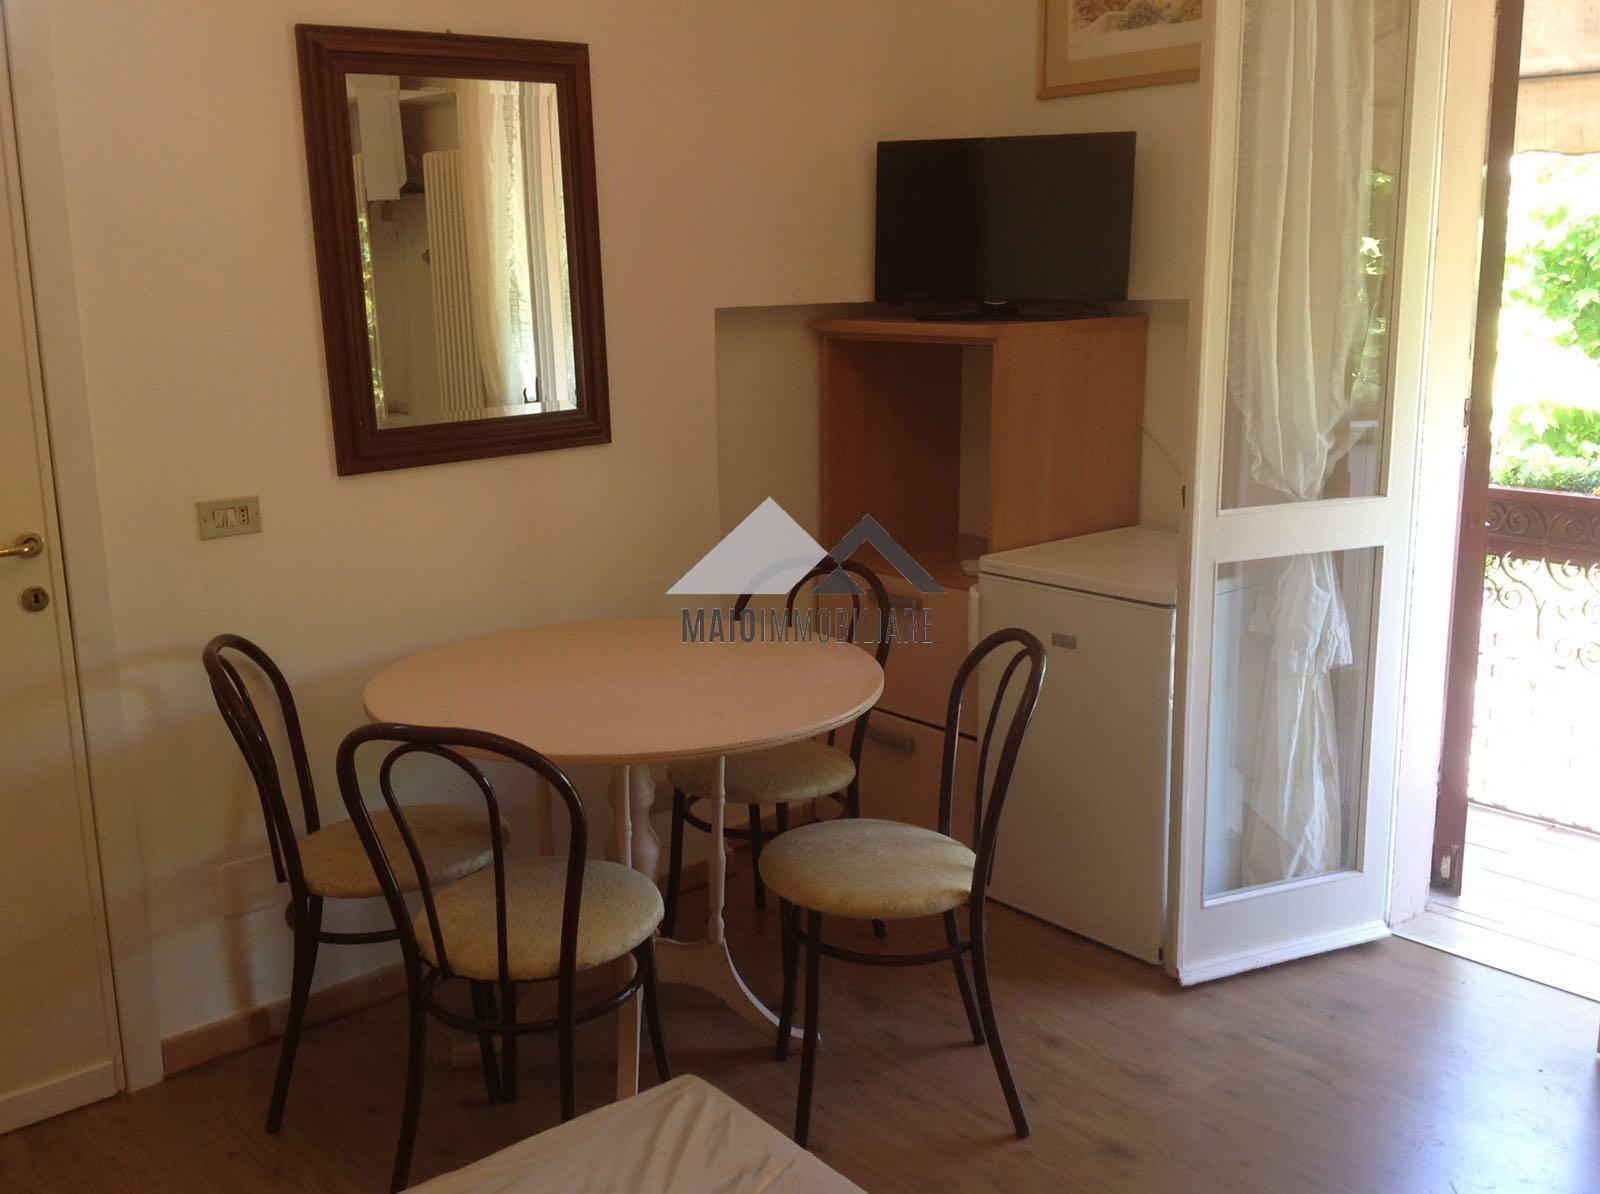 Appartamento in vendita a Misano Adriatico, 1 locali, zona Zona: Portoverde, prezzo € 82.000 | Cambio Casa.it